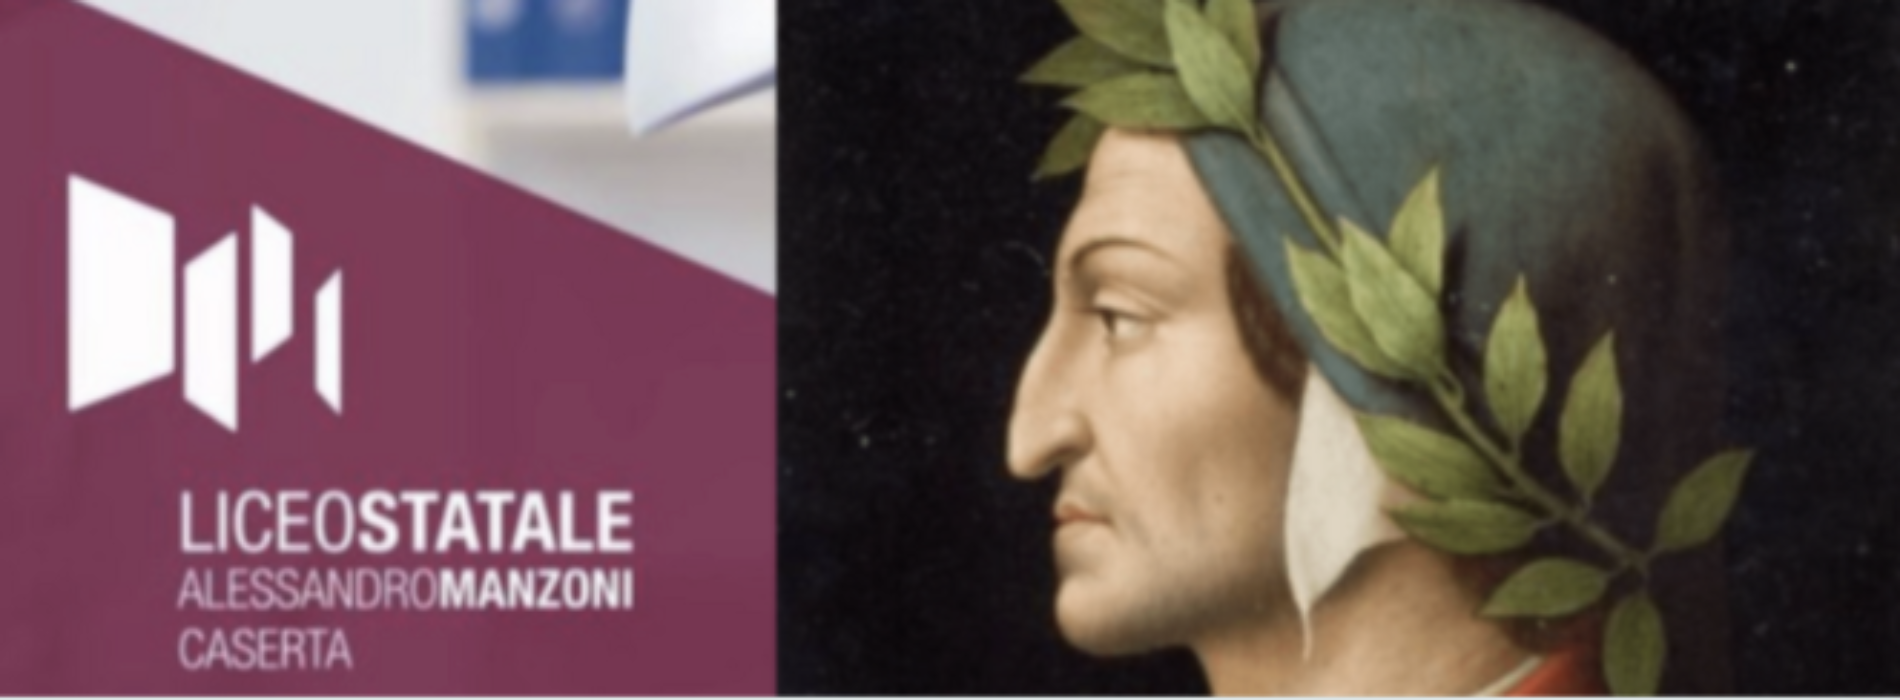 Dante e le immagini. Liceo Manzoni, ospite il prof Ciro Perna